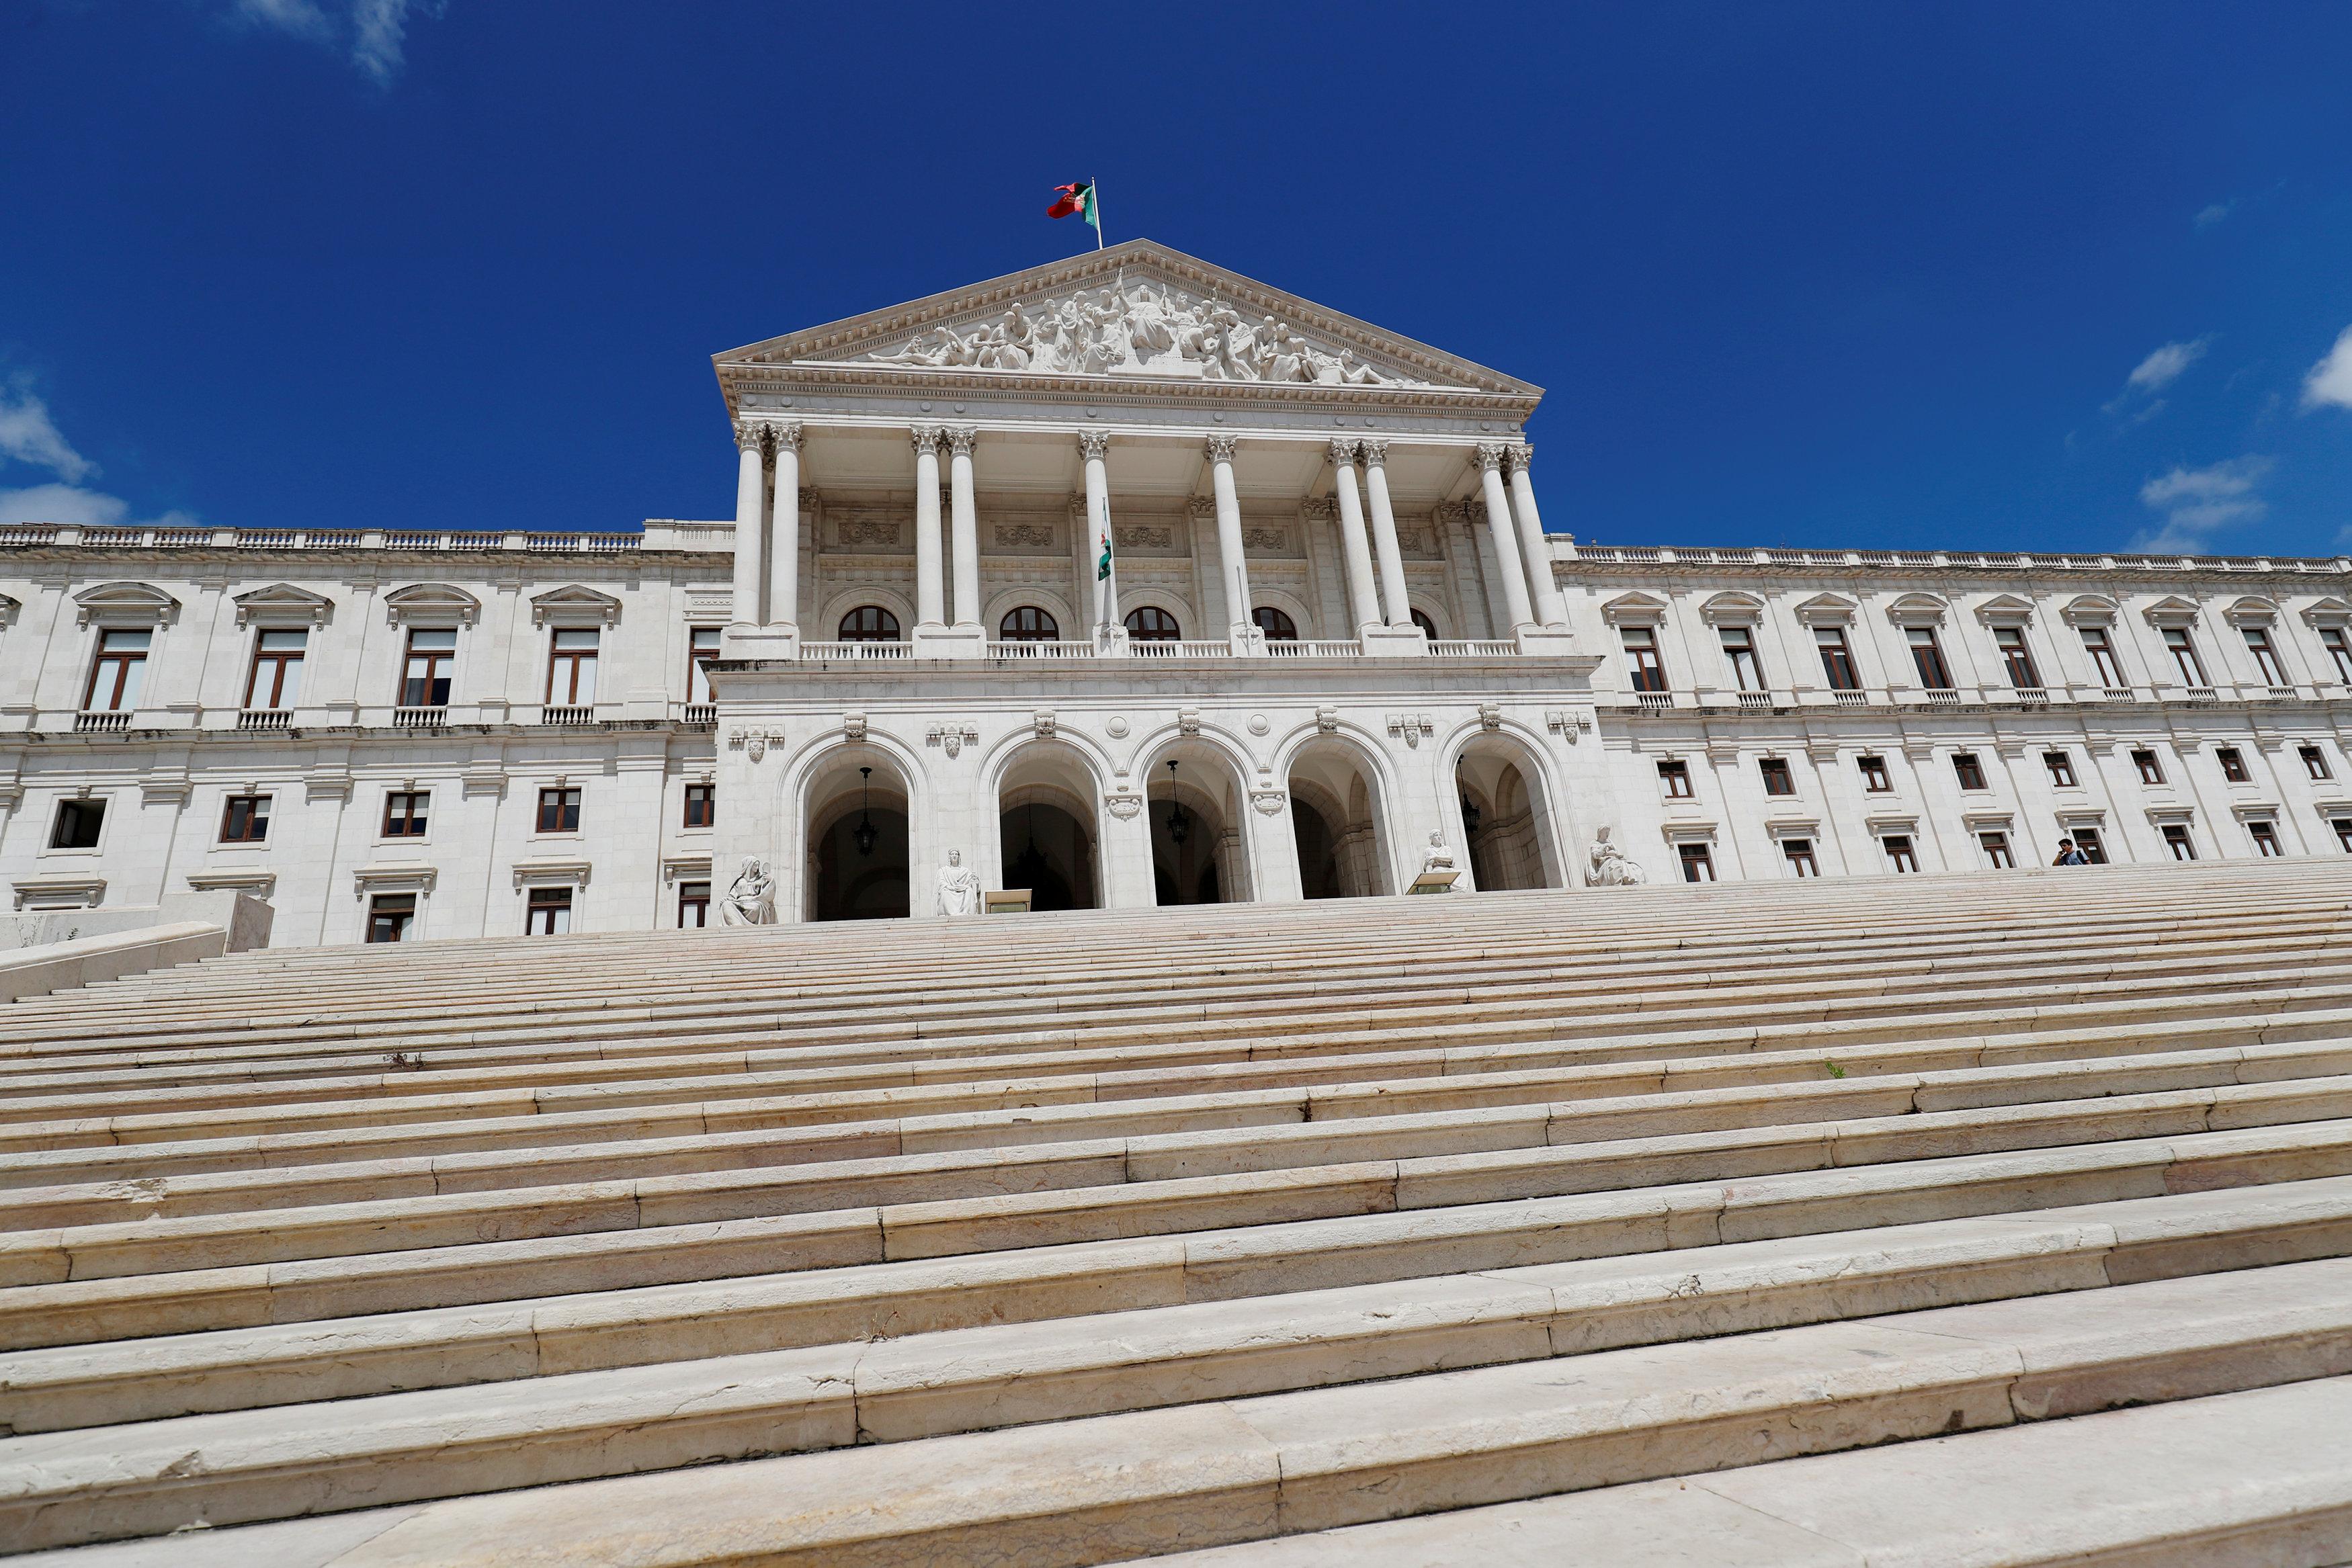 2018 06 26T131121Z 1959861980 RC137A1DFE90 RTRMADP 3 PORTUGAL POLITICS